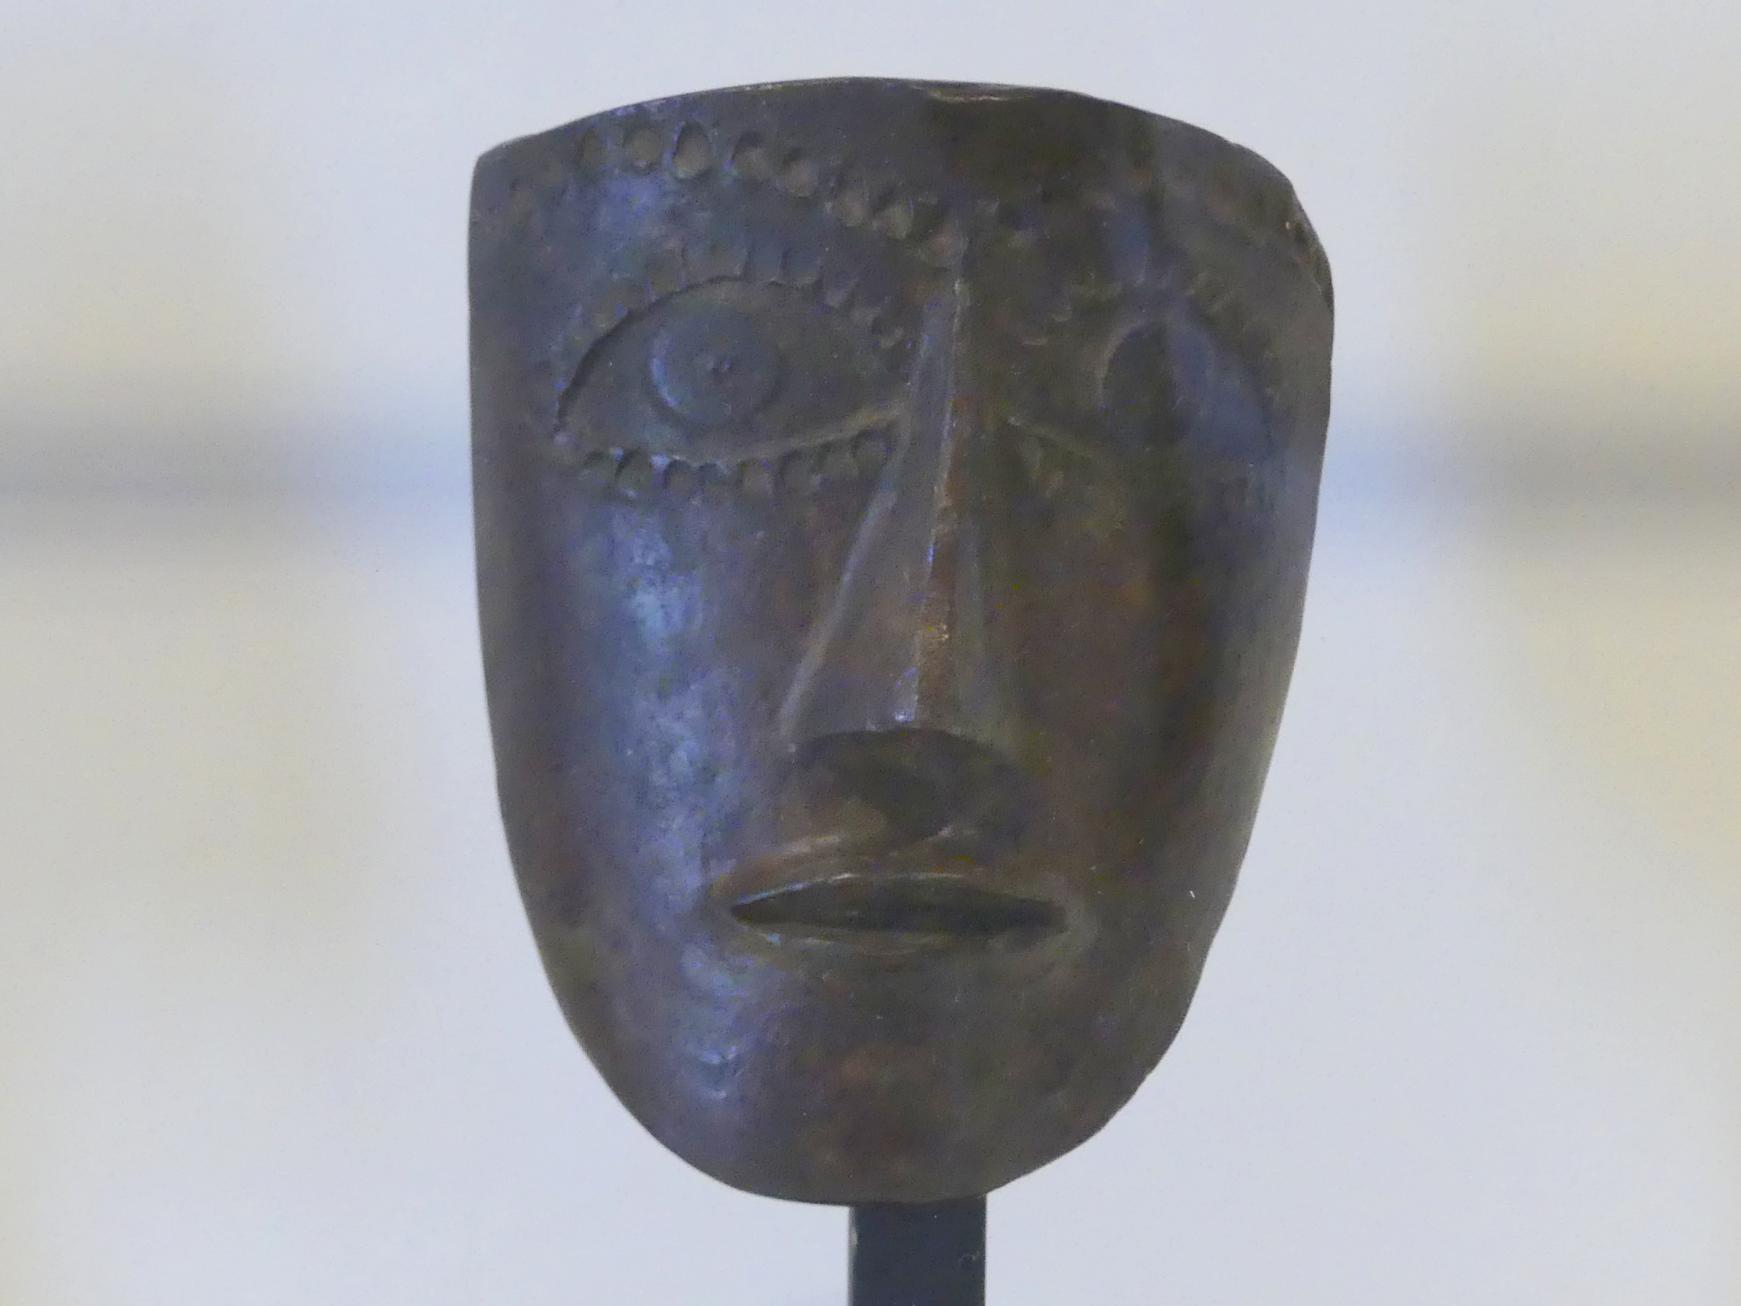 André Derain: Maske mit Haaren auf der Stirn, 1938 - 1950